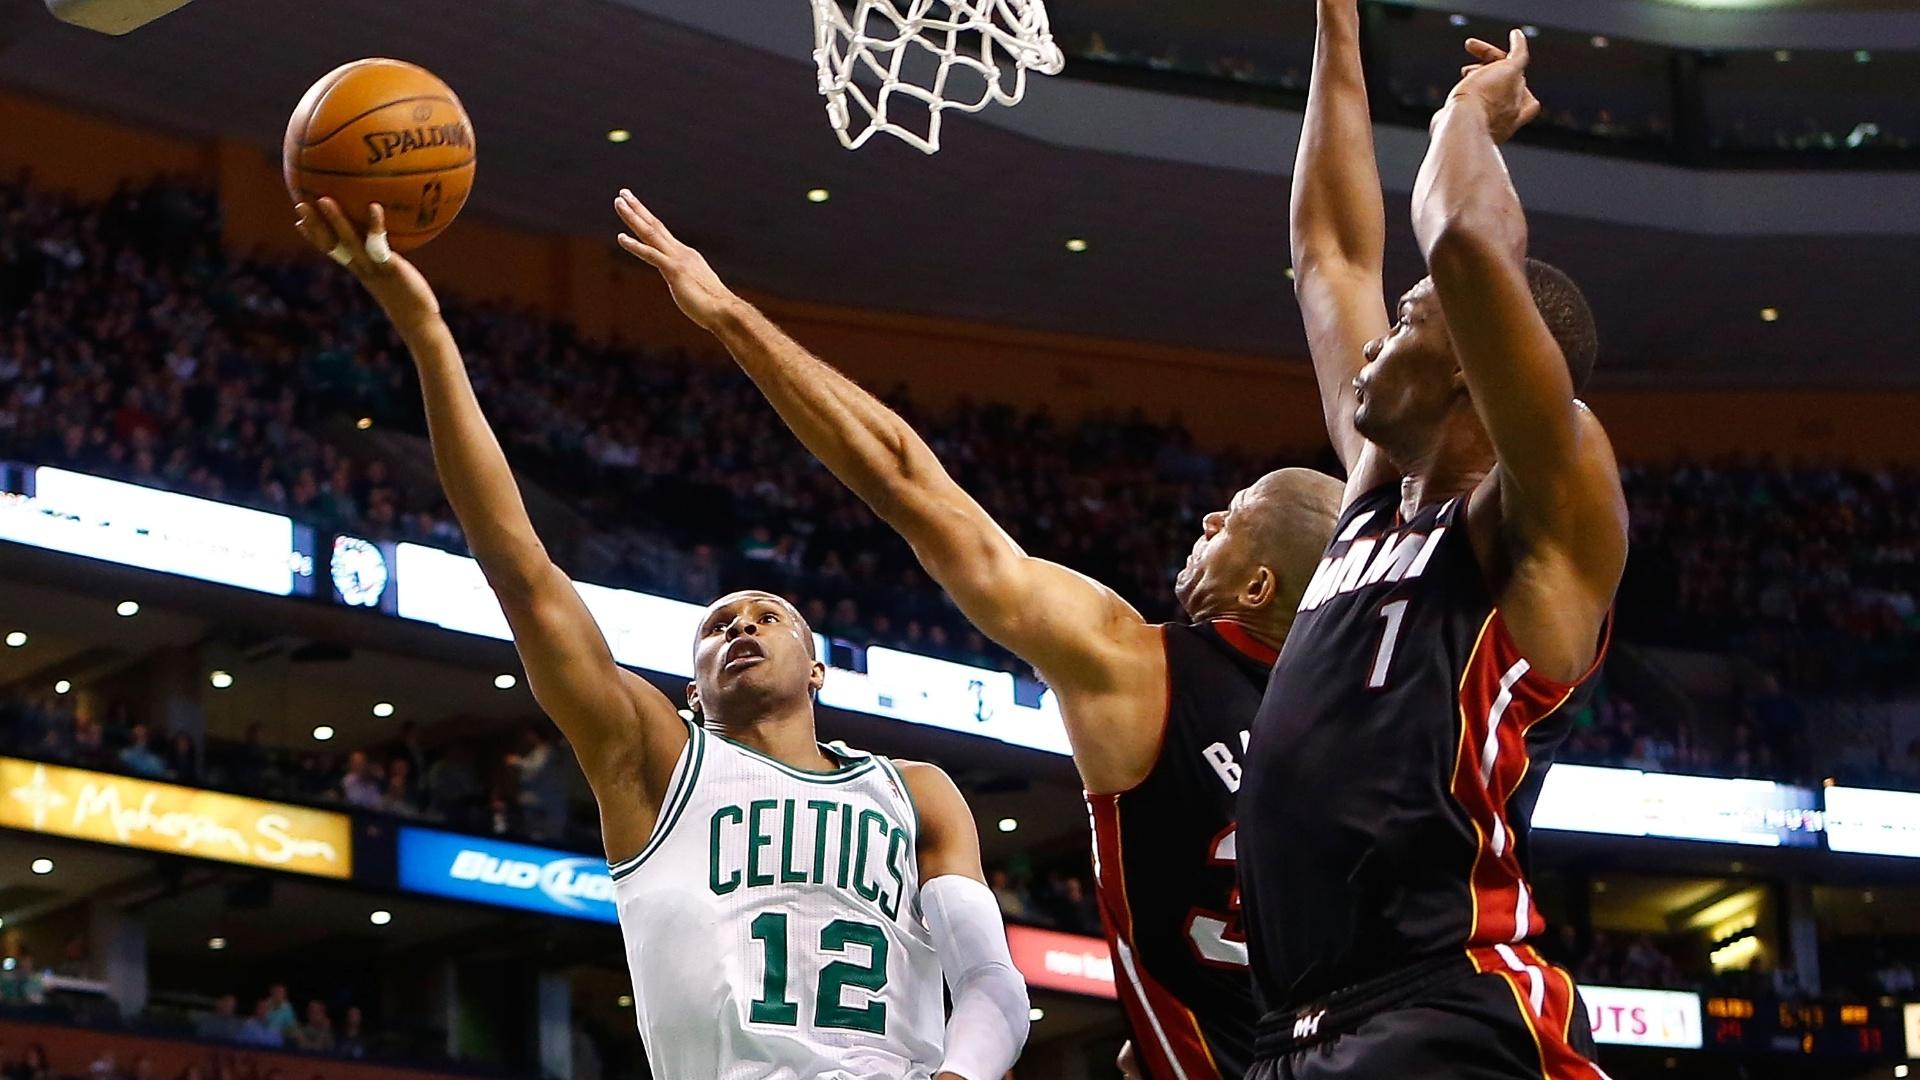 Leandrinho anotou 9 pontos e 4 assistências na vitória dos Celtics sobre o Heat após duas prorrogações